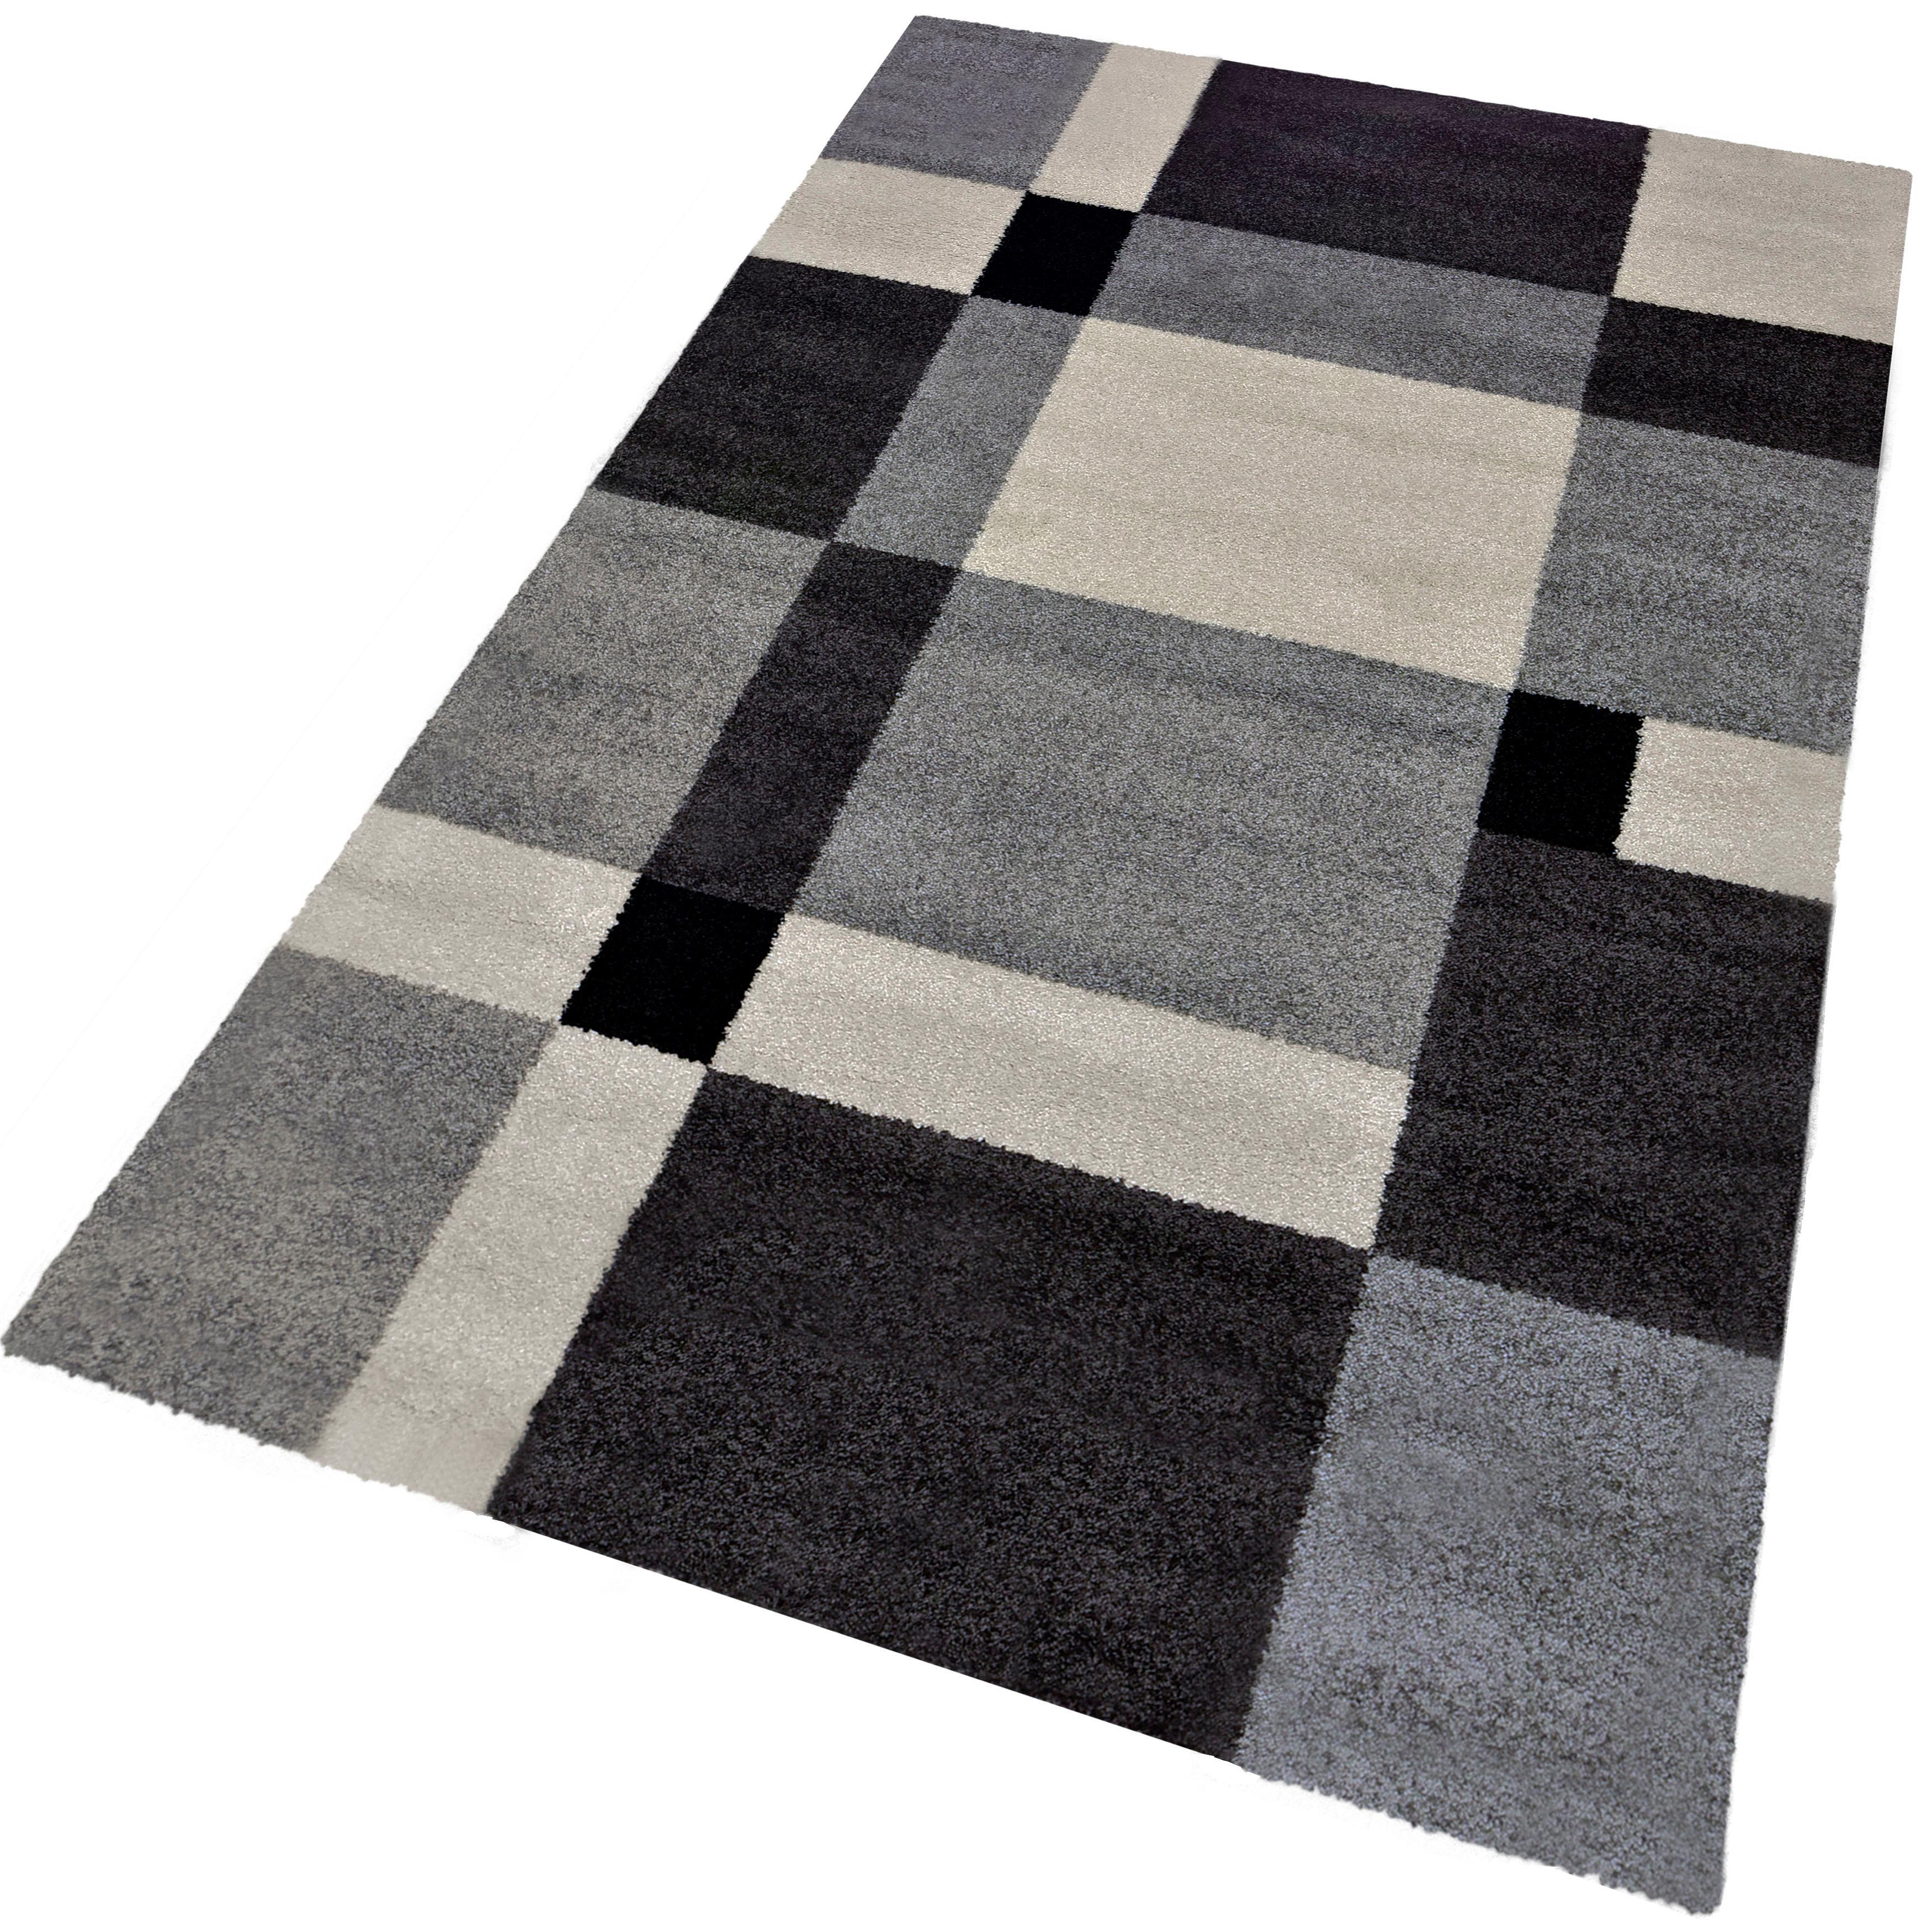 Teppich Casa 853 merinos rechteckig Höhe 18 mm maschinell gewebt